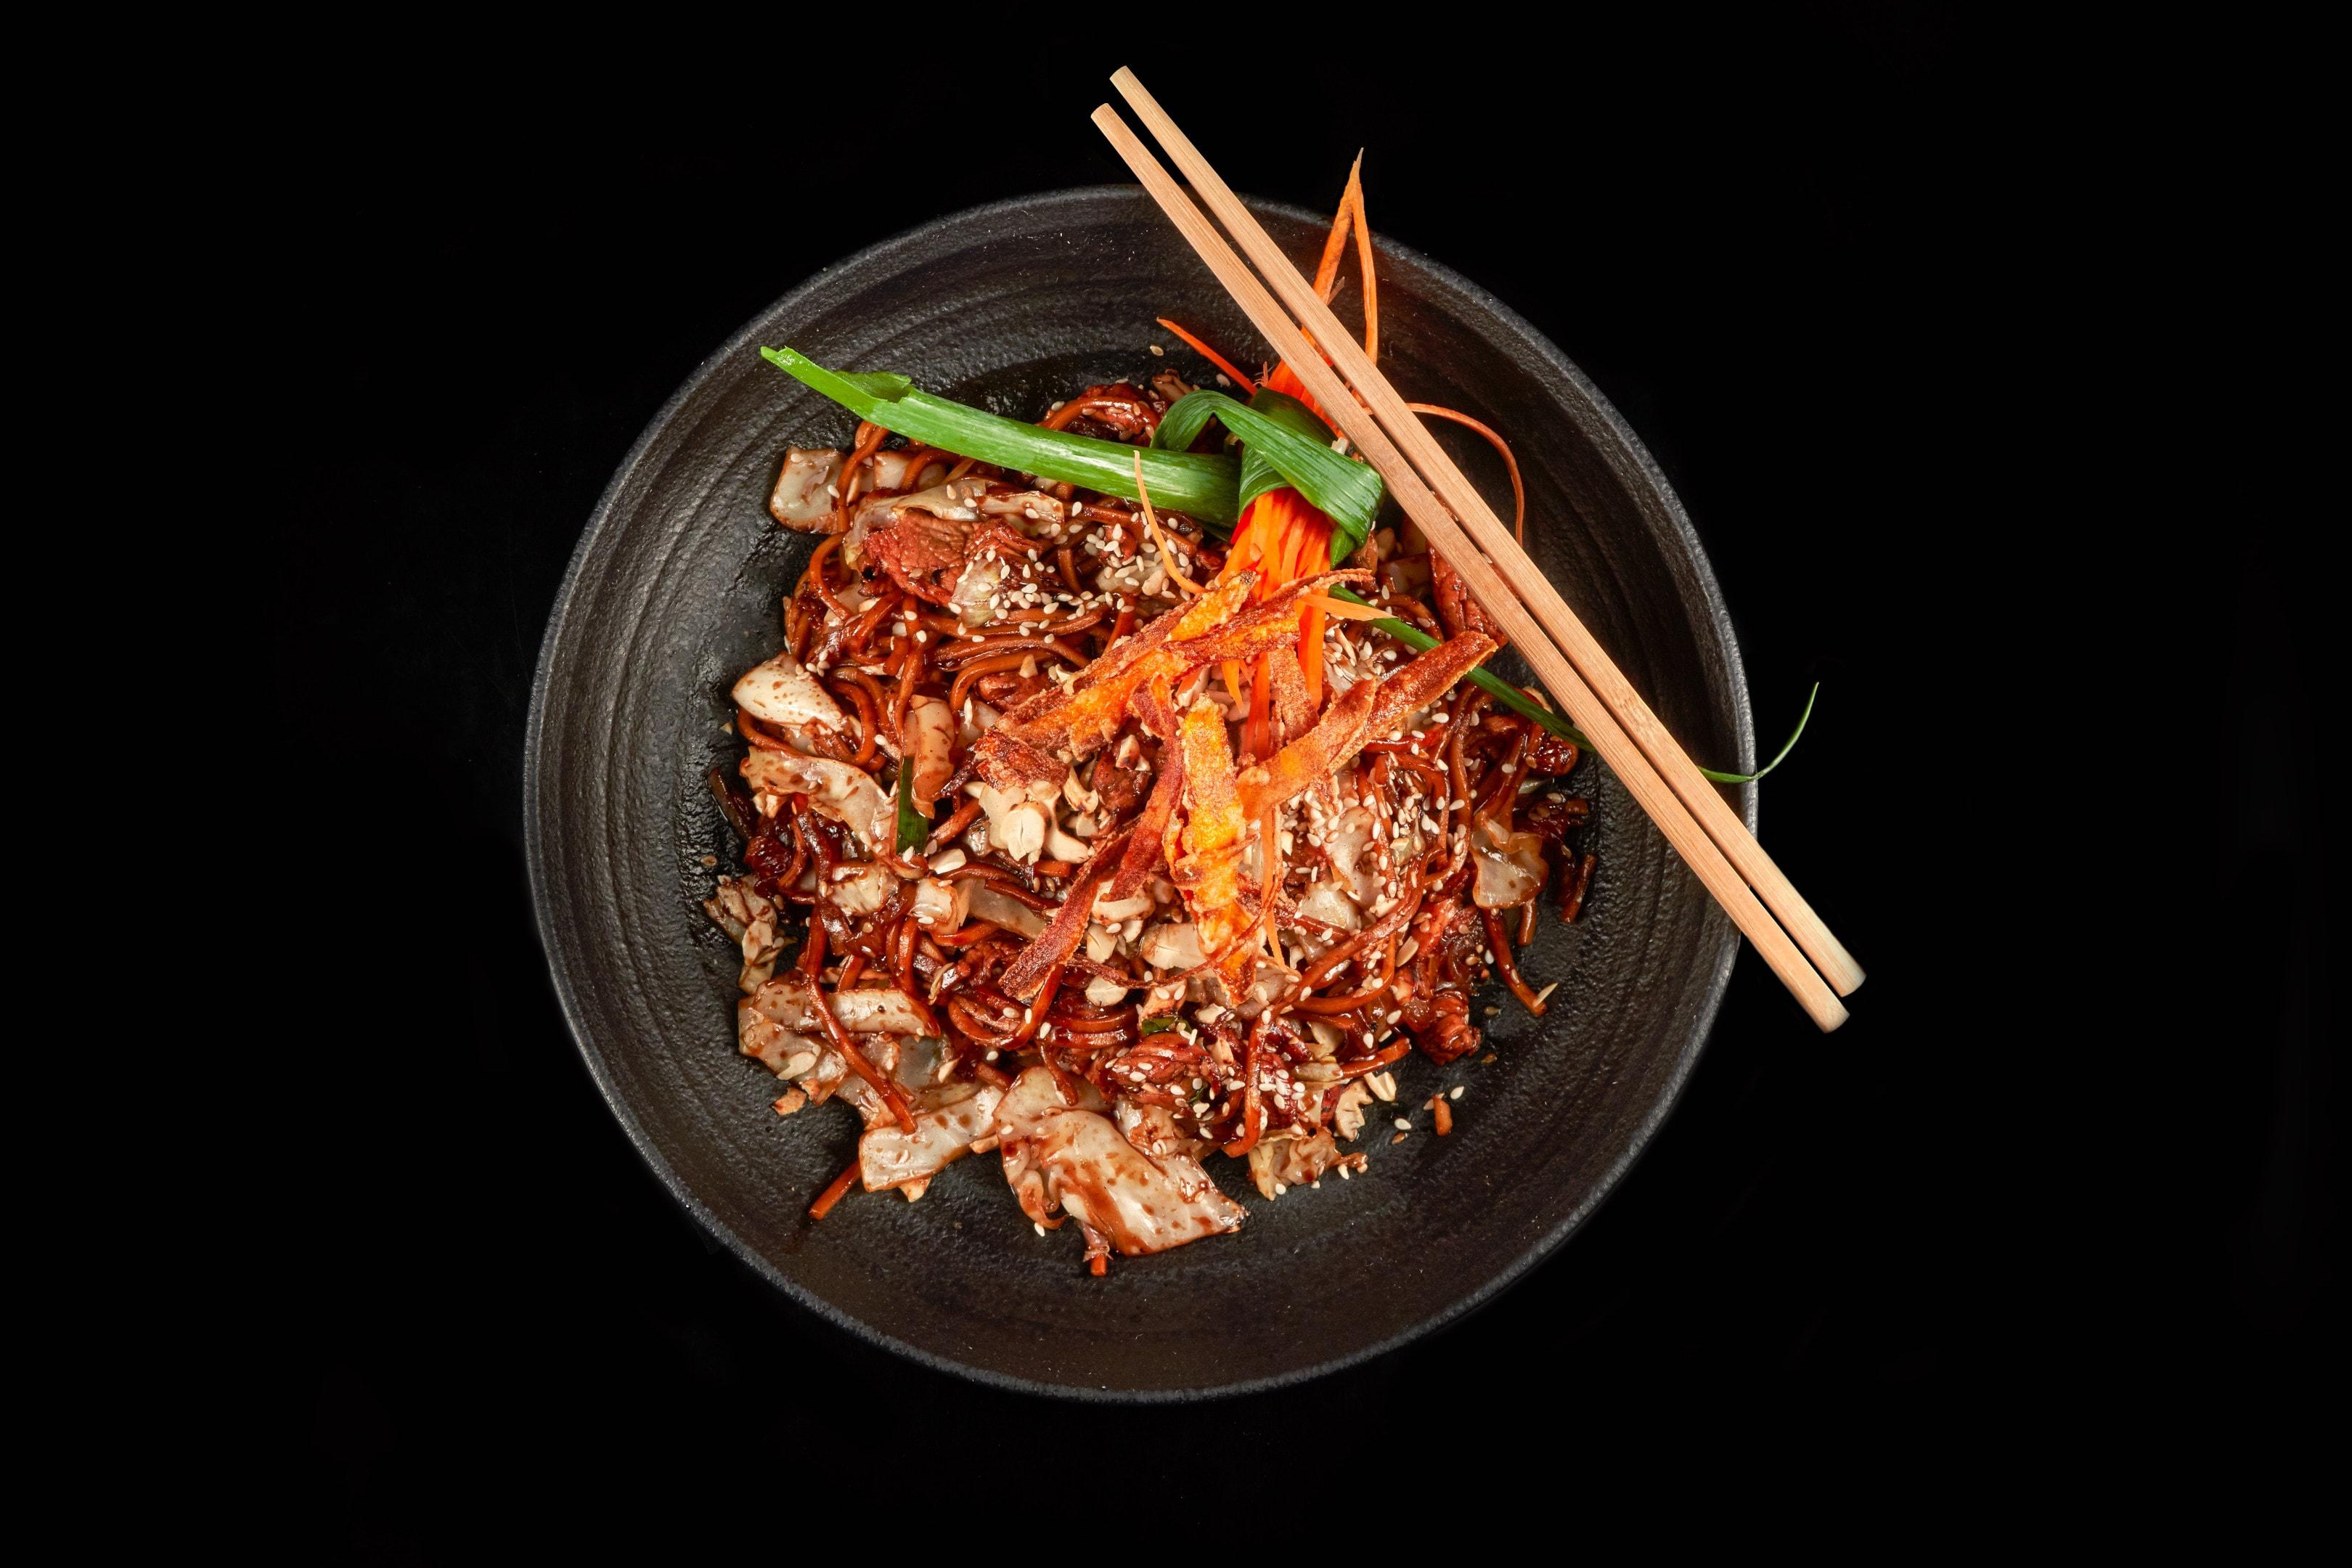 Stir-fry noodles seasoned with rice vinegar in black bowl